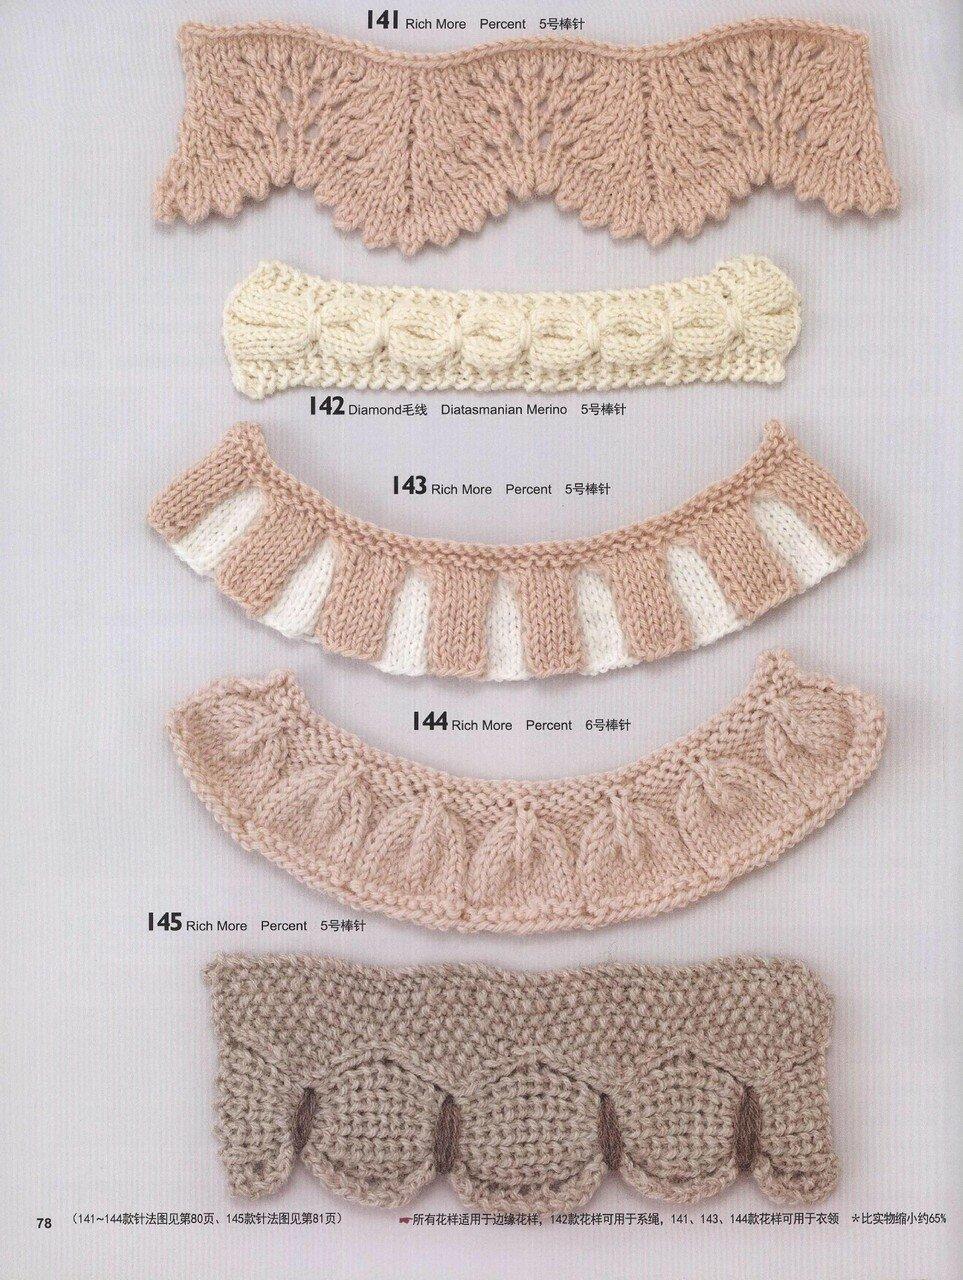 150 Knitting_80.jpg